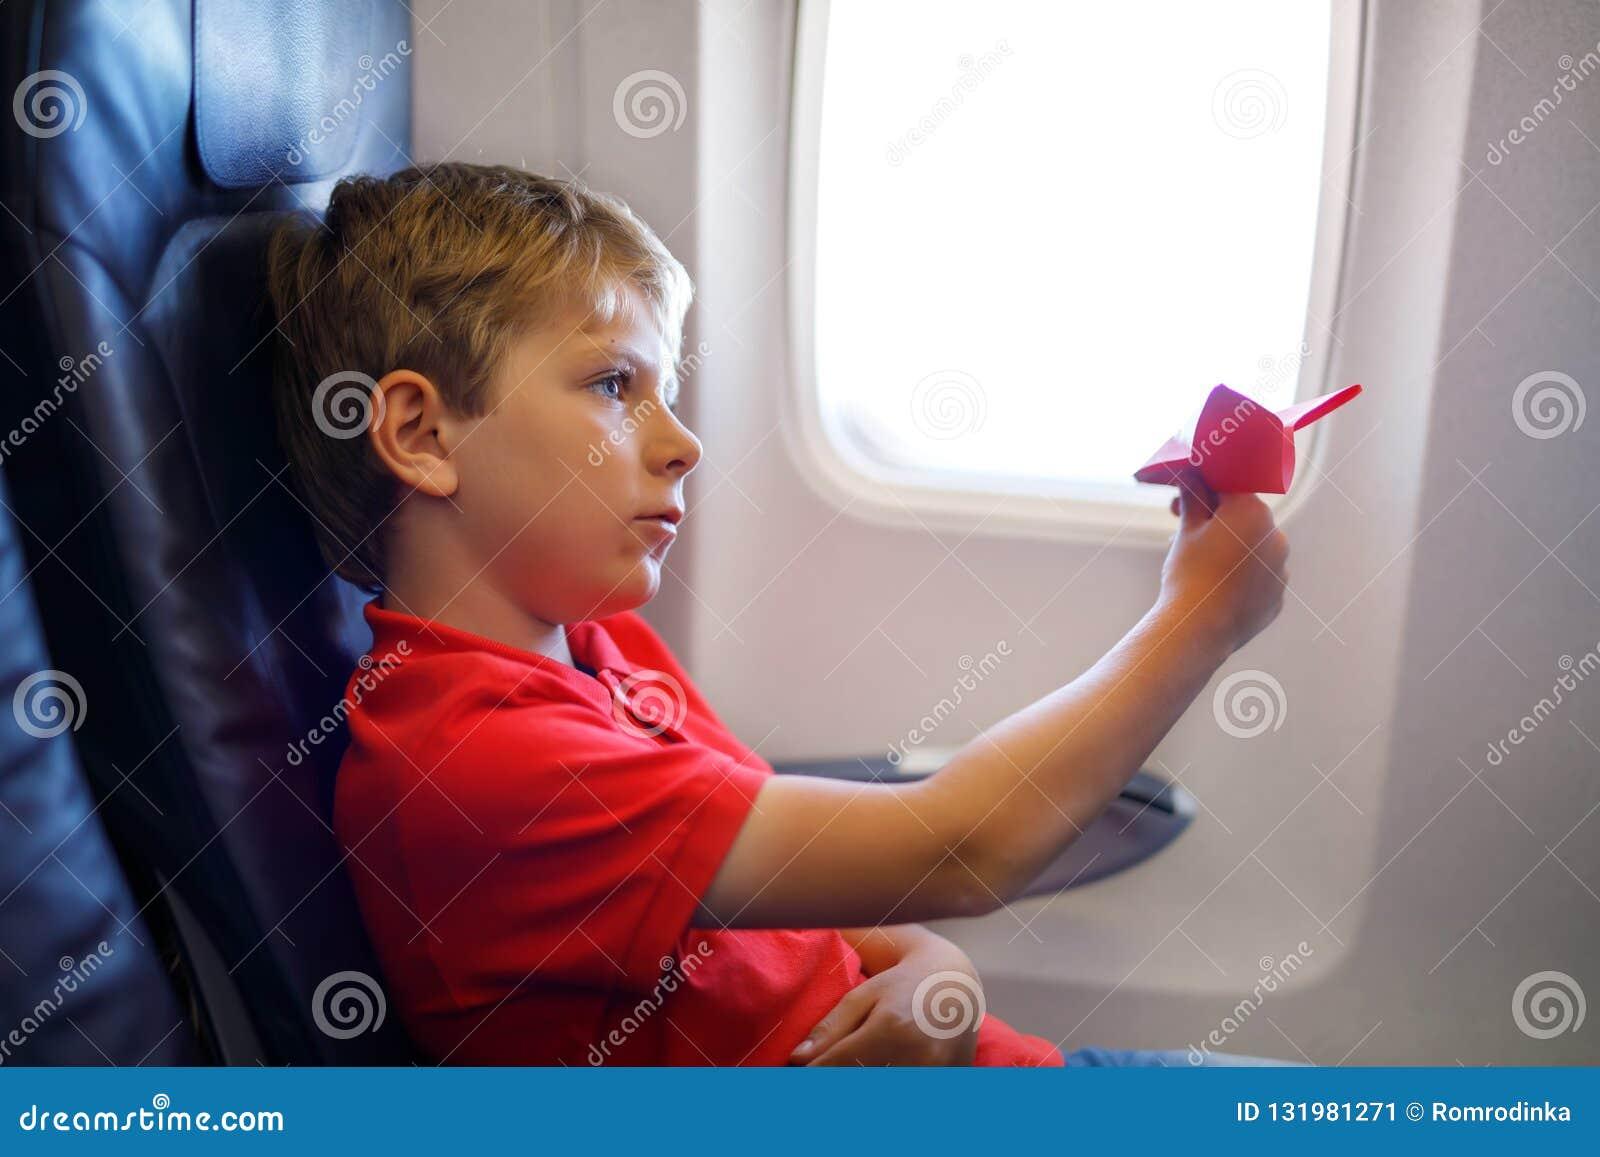 Weinig jong geitjejongen die met rood document vliegtuig tijdens vlucht op vliegtuig spelen Kindzitting binnen vliegtuigen door e